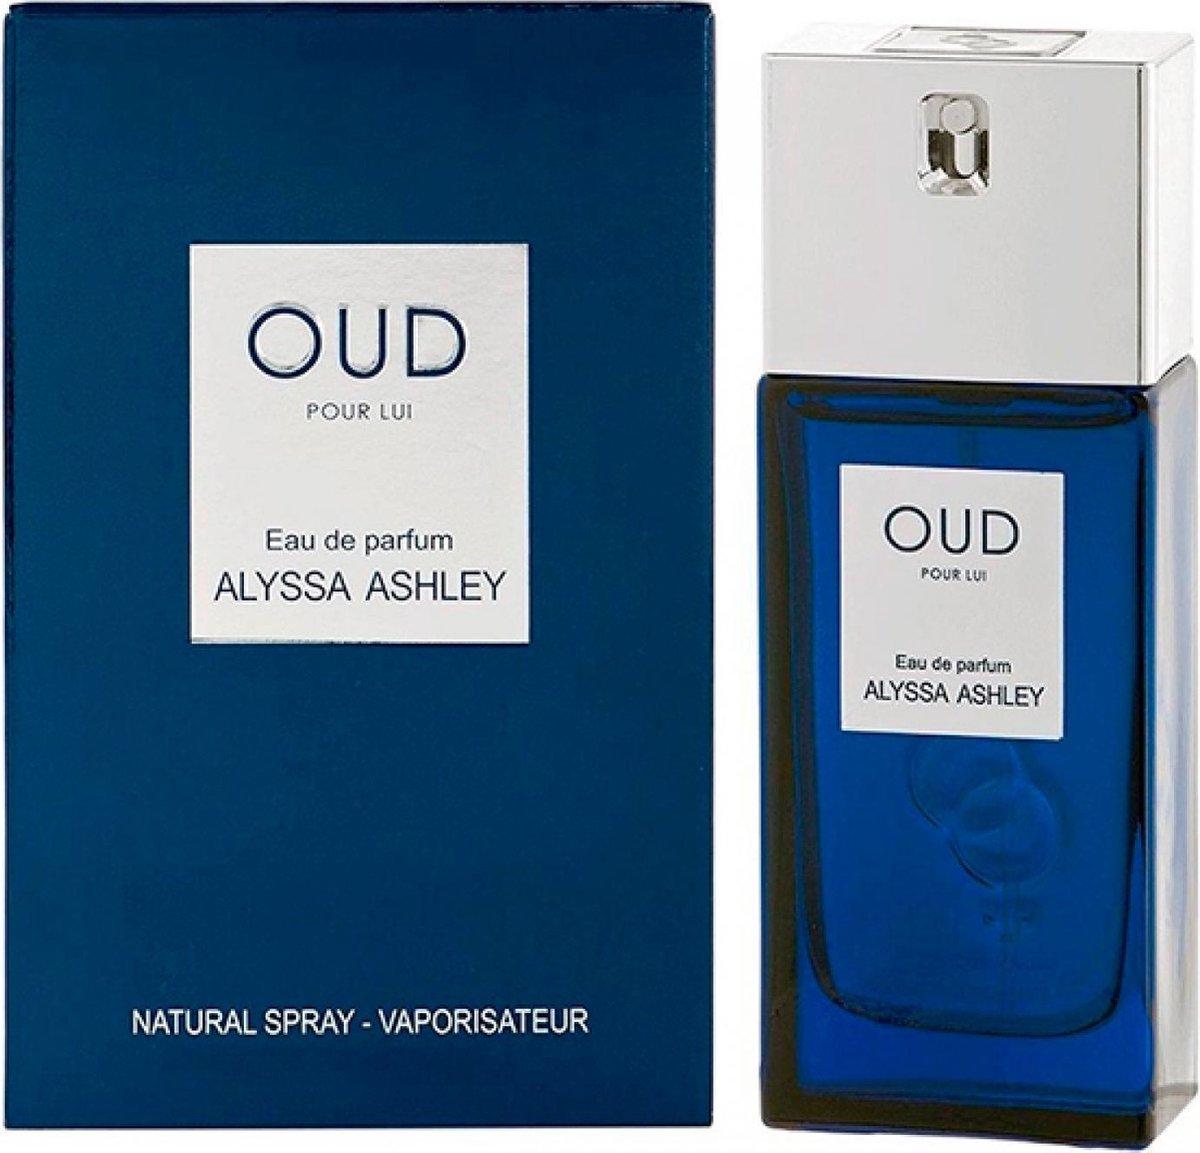 Alyssa Ashley Oud voor mannen - Eau de parfum spray - Herenparfum - 100 ml